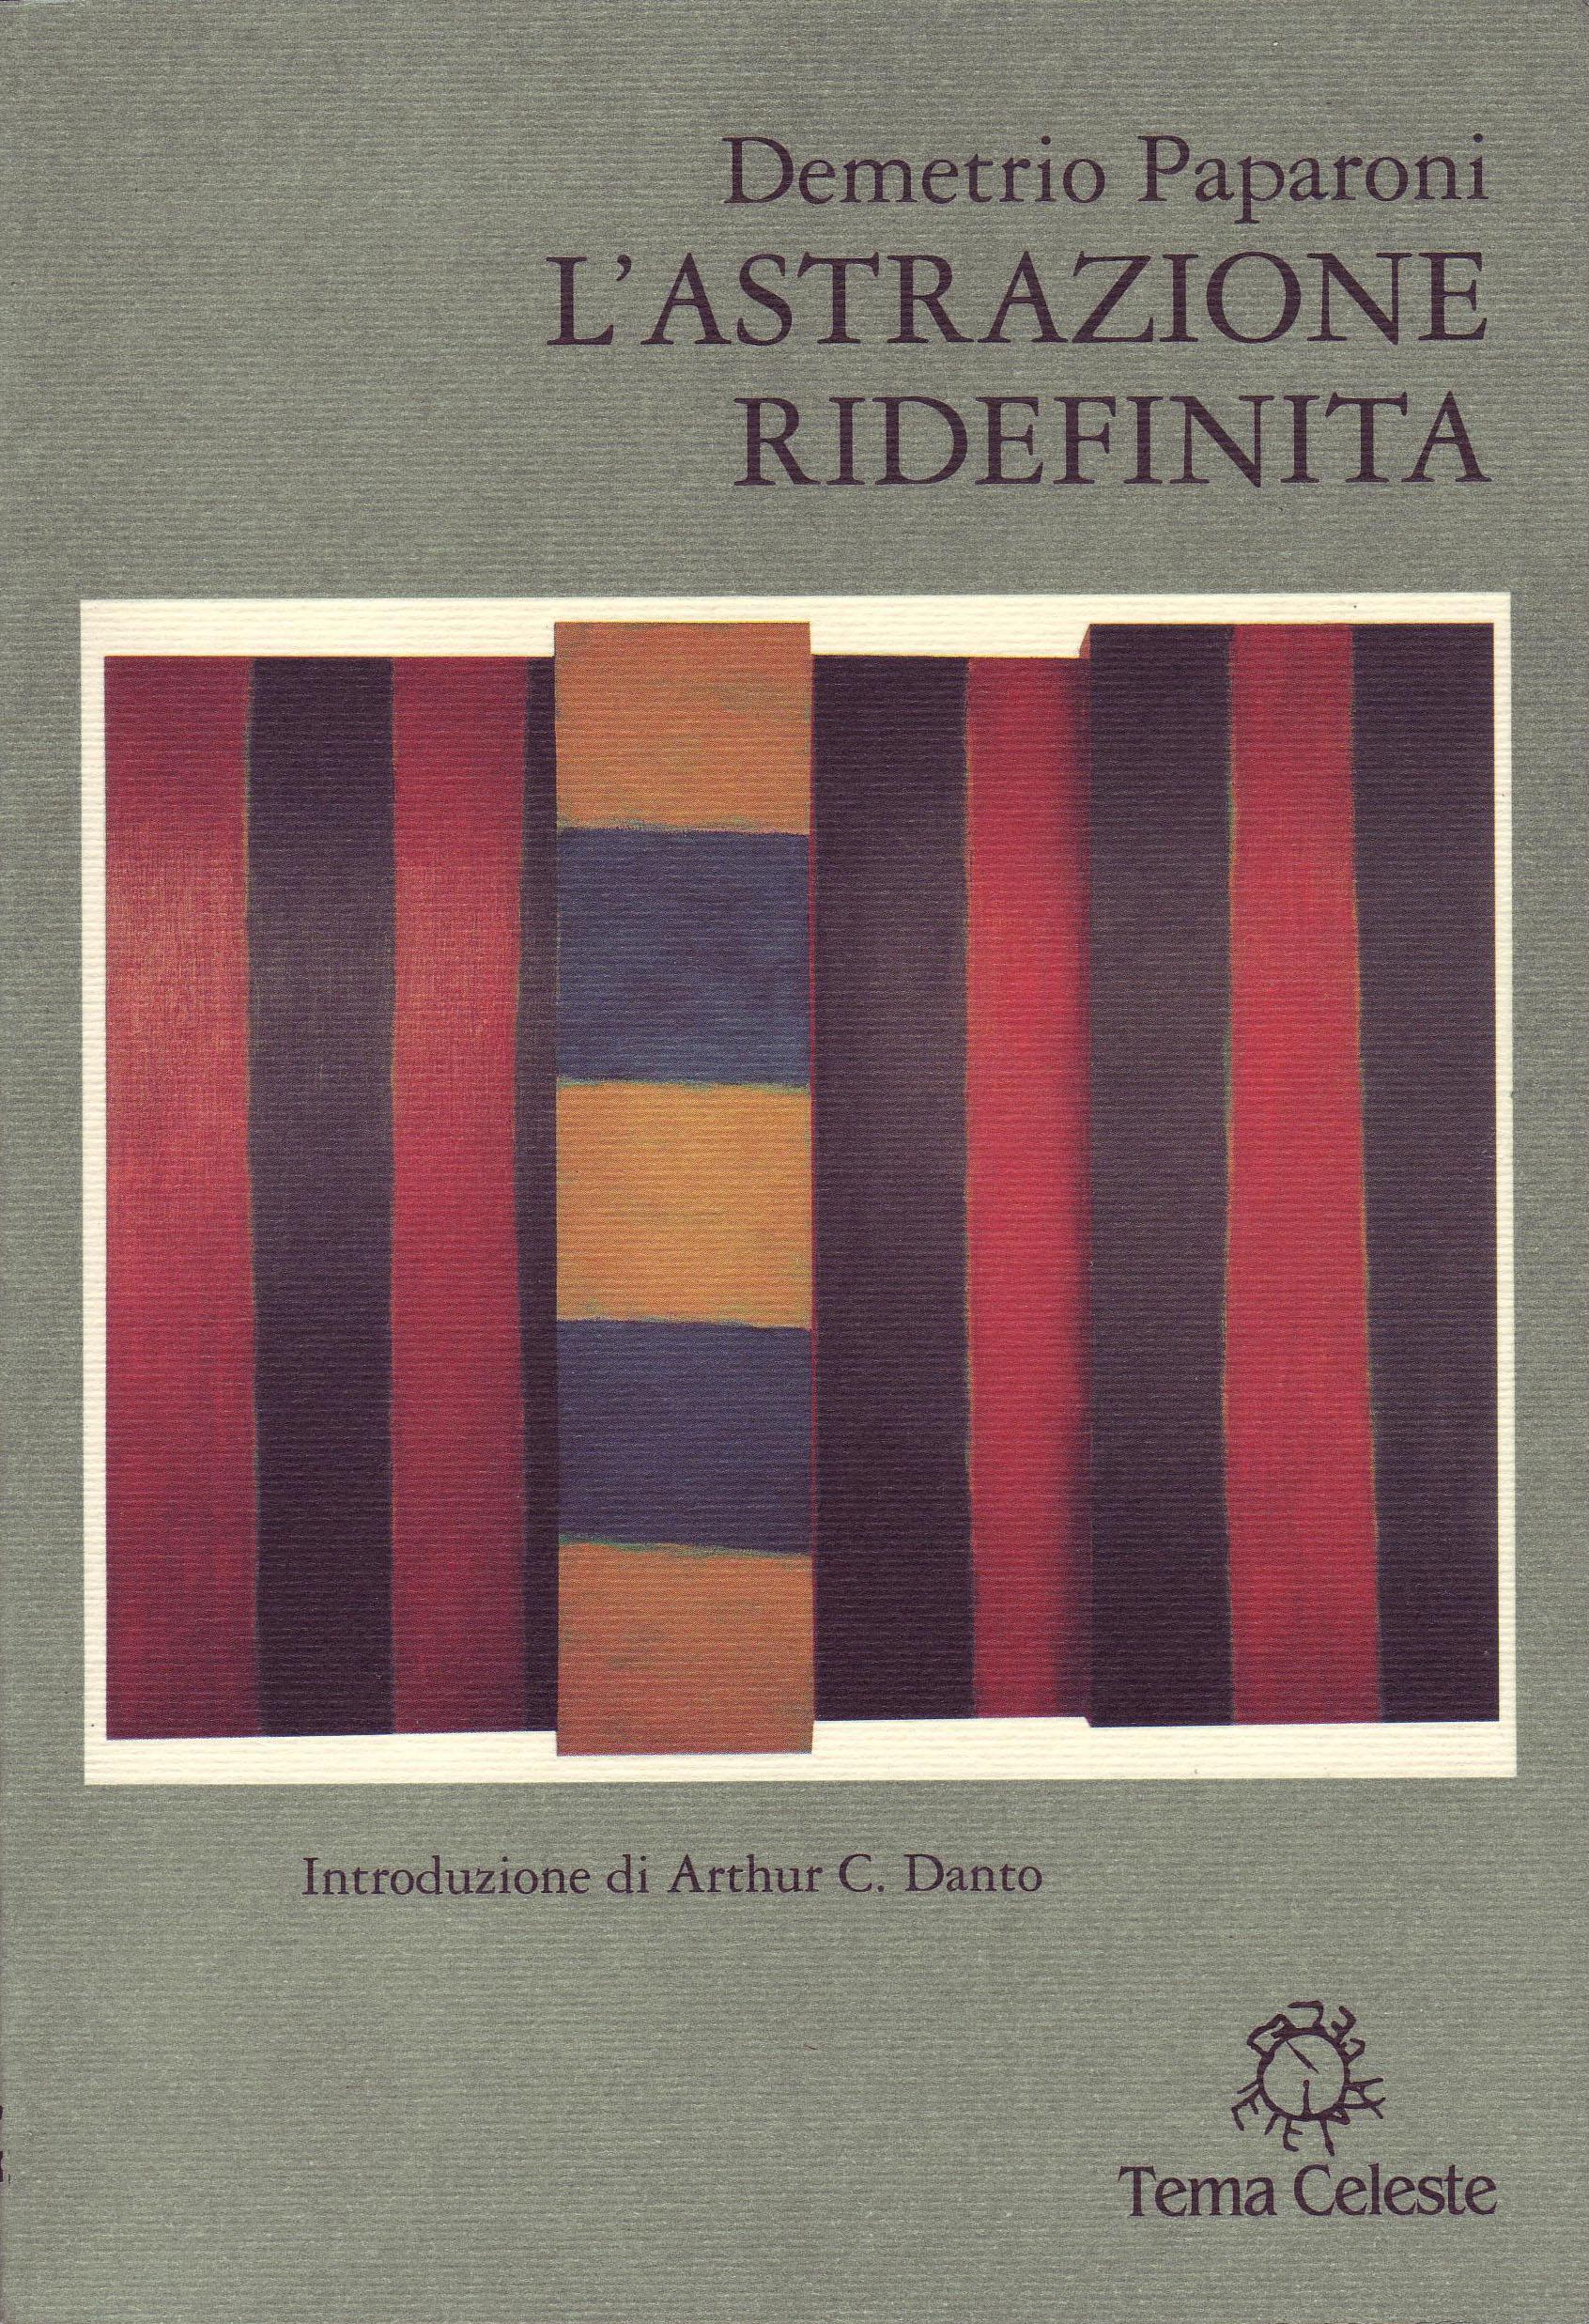 L'ASTRAZIONE RIDEFINITA / Tema Celeste 1994